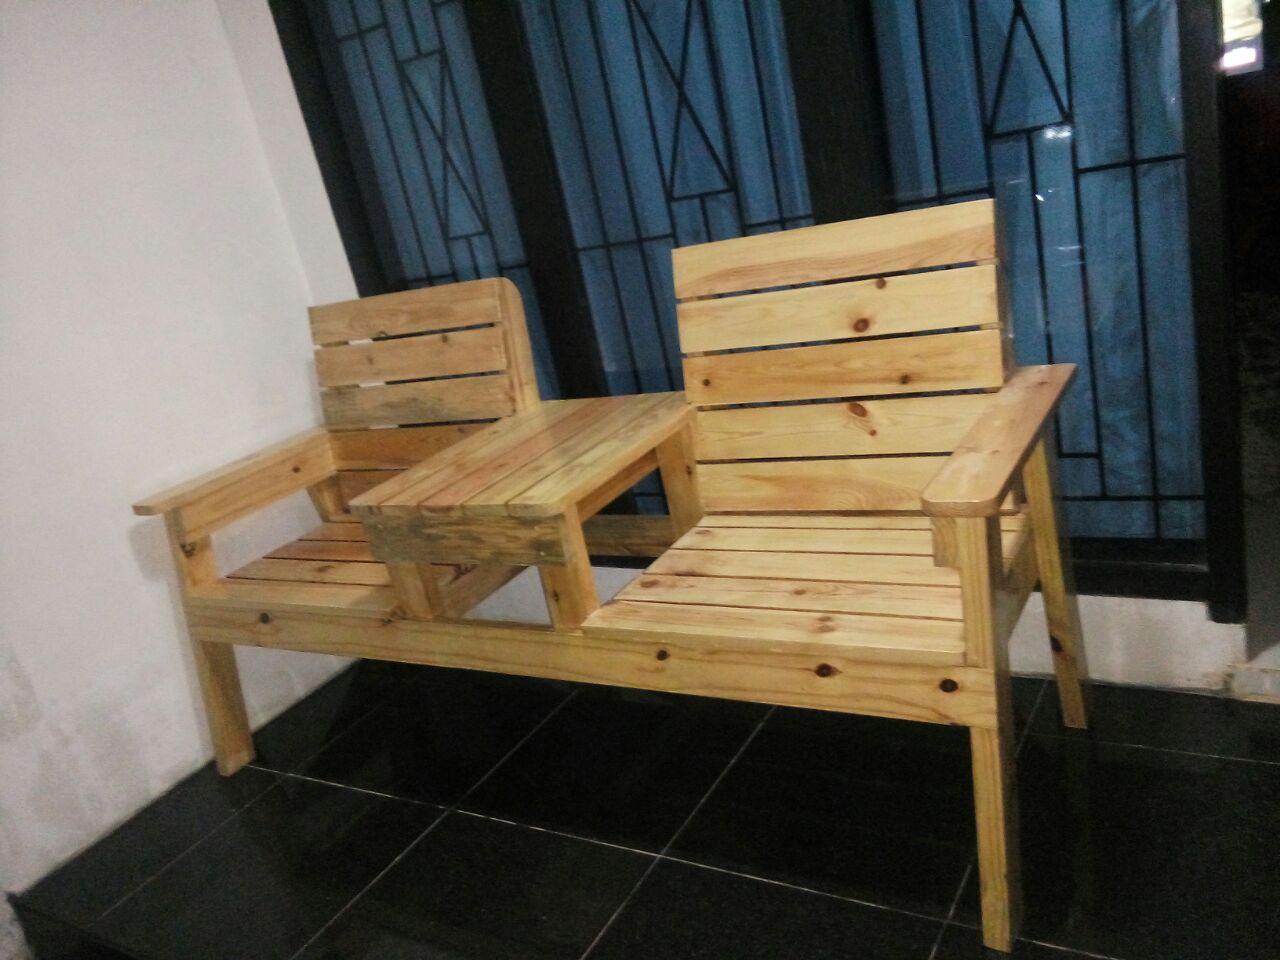 Furniture Kayu Gelondongan Harga Kursi Cafe Plastik Telp Wa 085646229049 Di Gending Probolinggo Jawa Timur